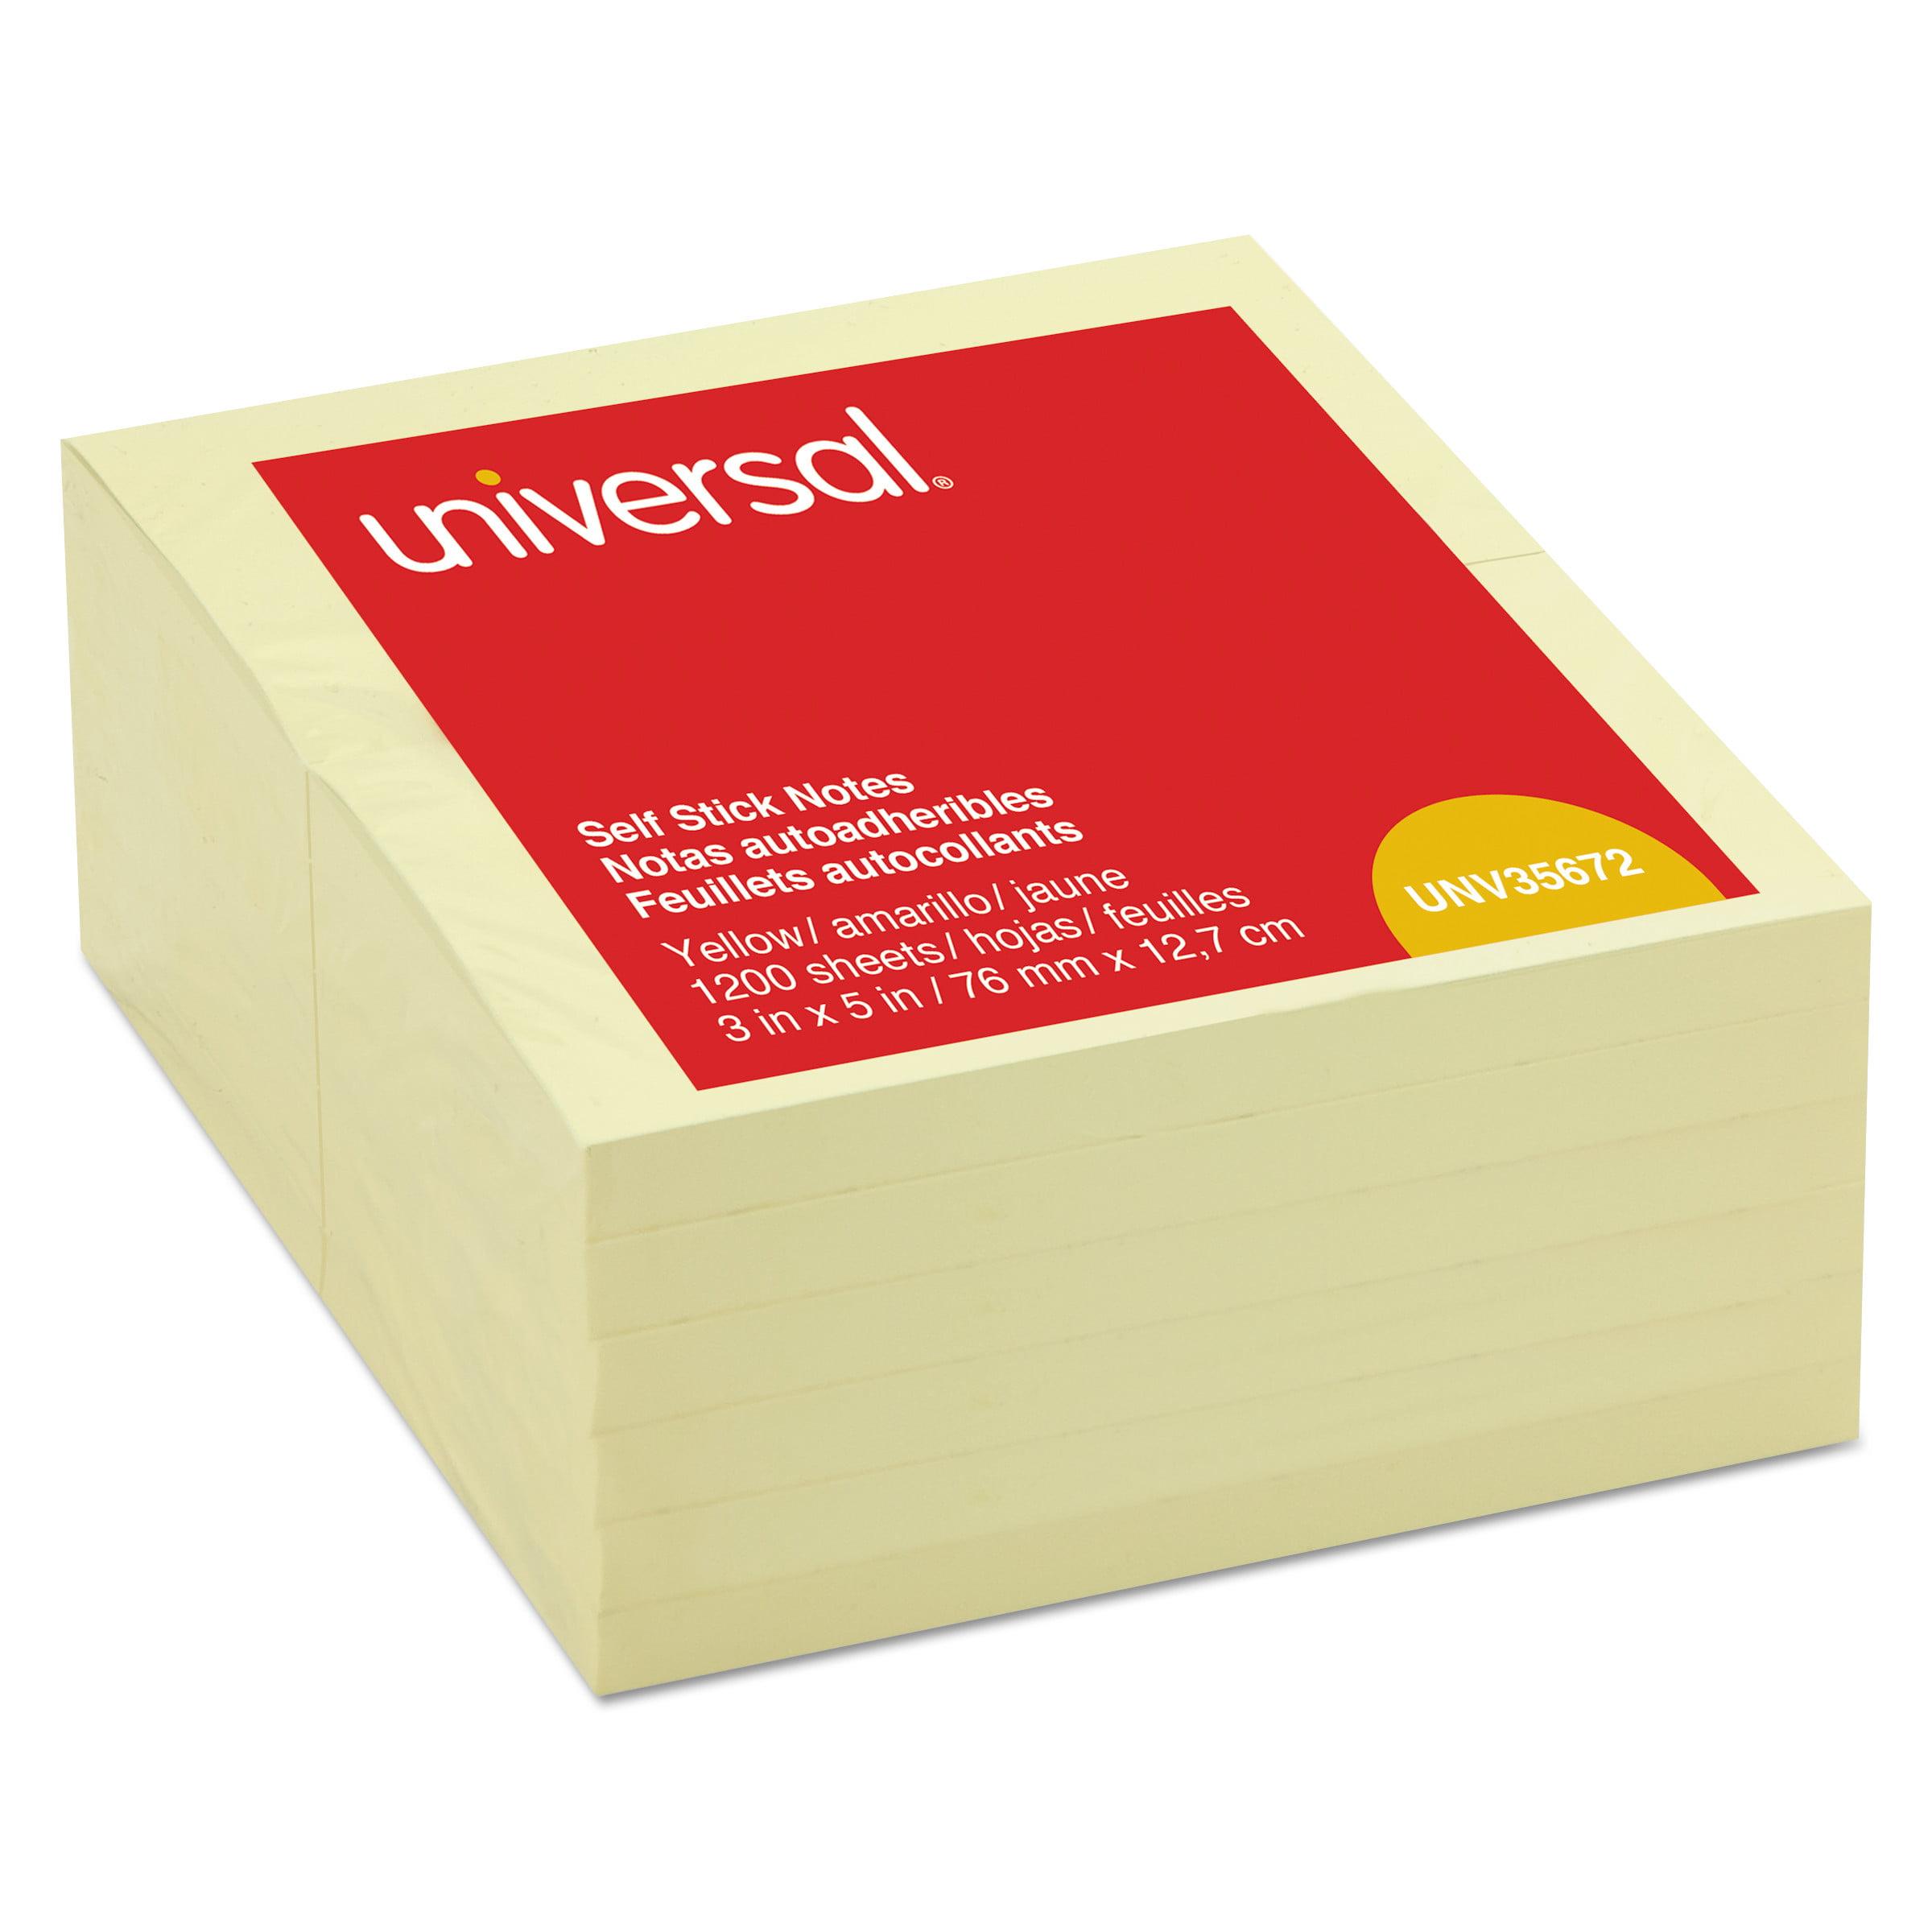 Universal Self-Stick Note Pads, 3 x 5, Yellow, 100-Sheet, 12/Pack -UNV35672